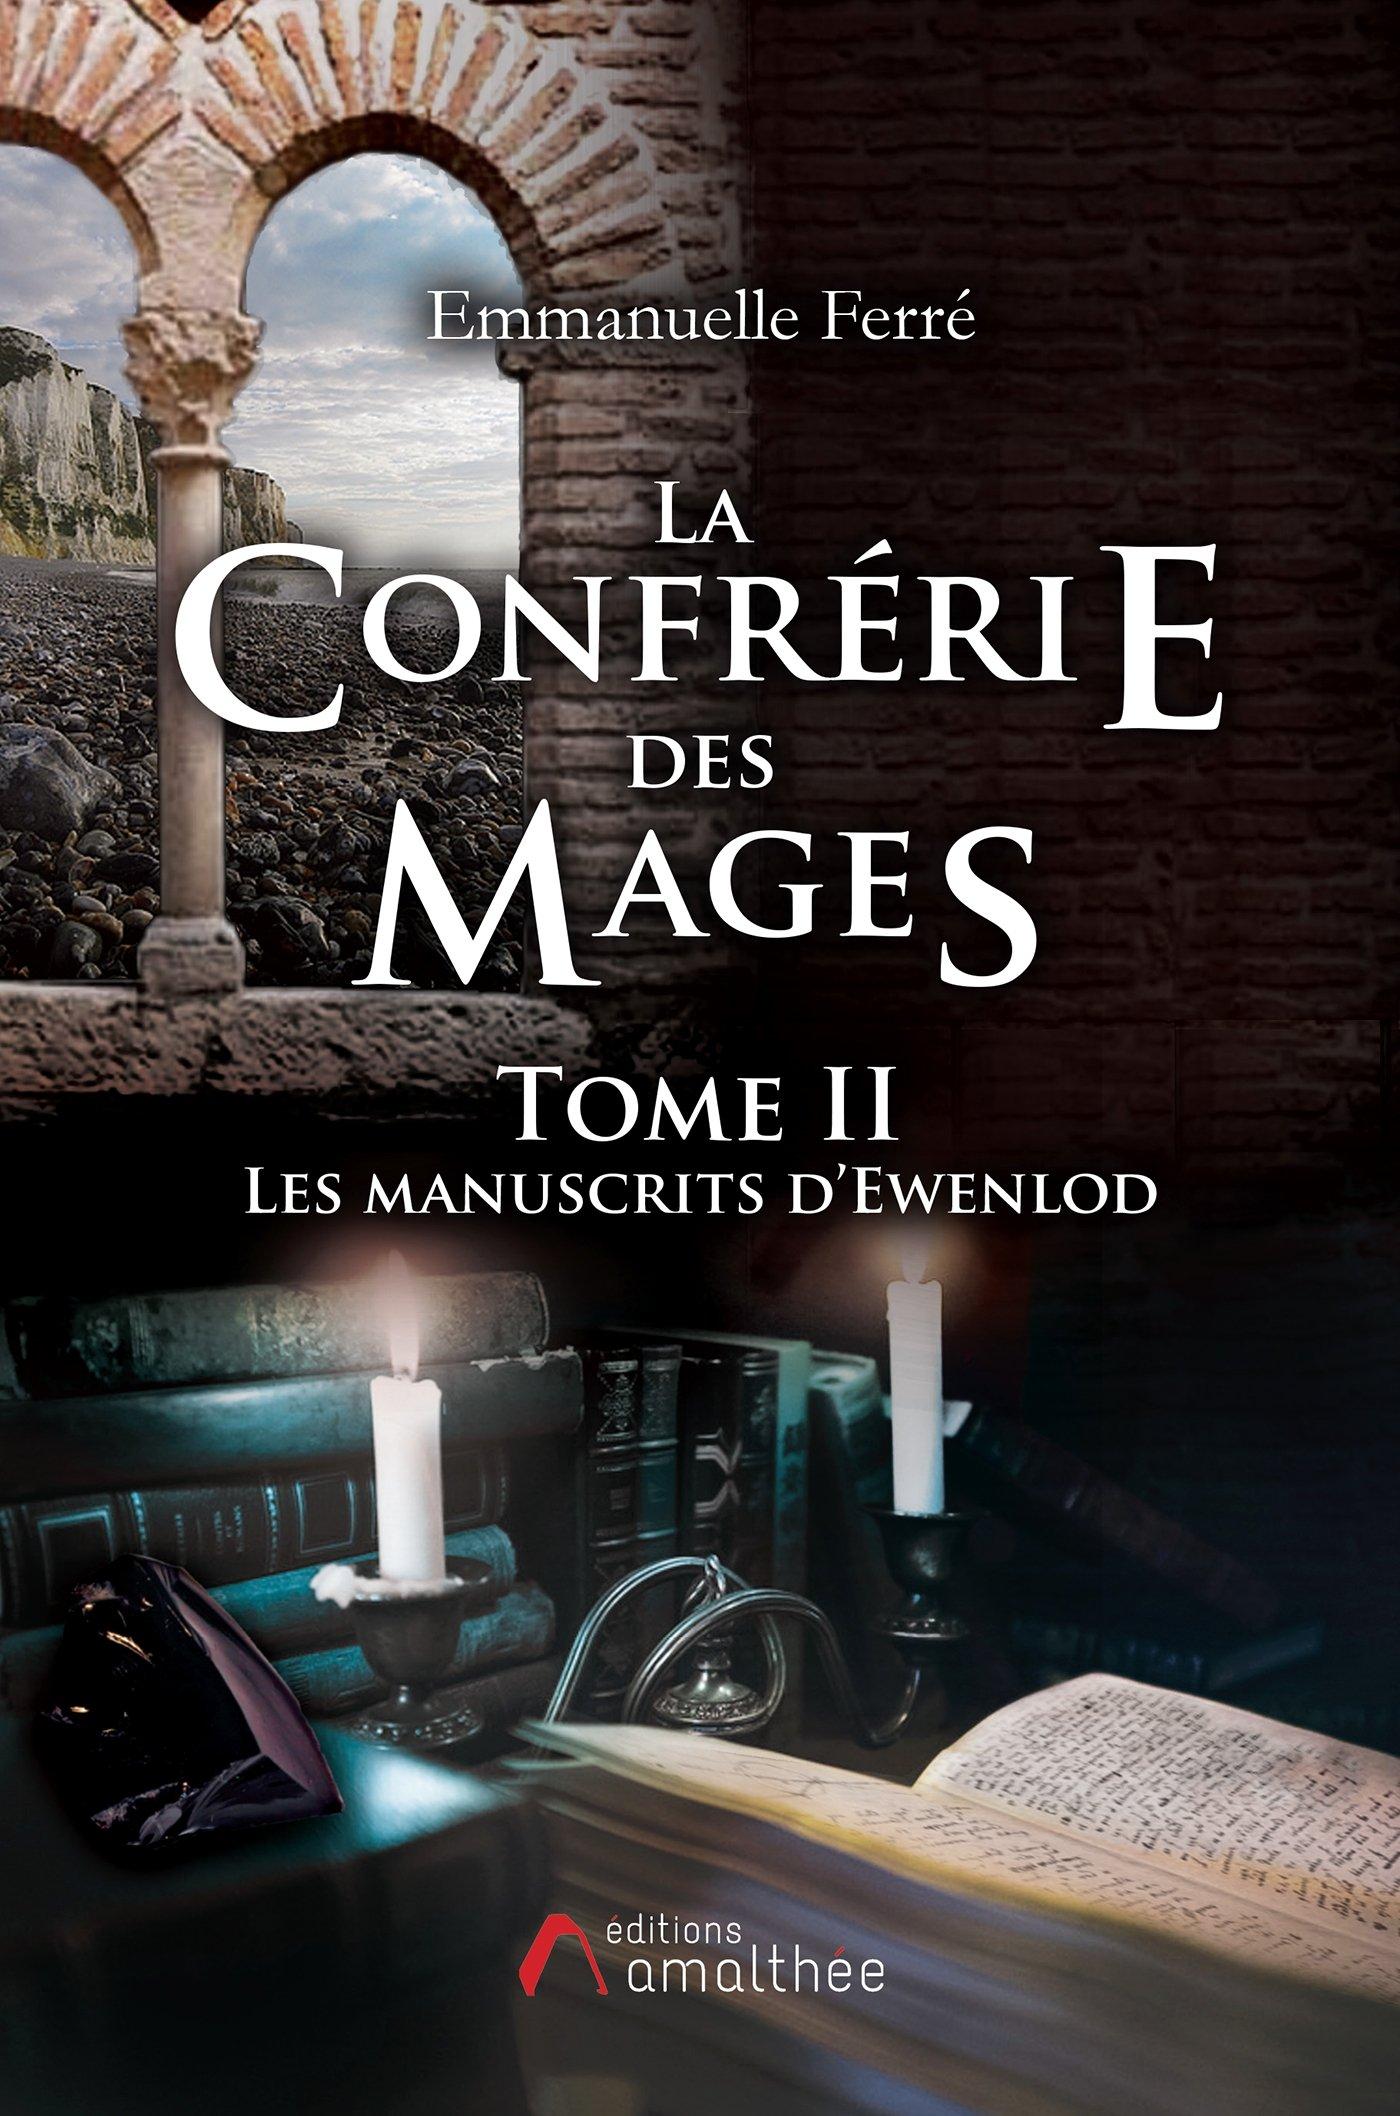 la-confrerie-des-mages---tome-2-les-manuscrits-d-ewenlod-1142163